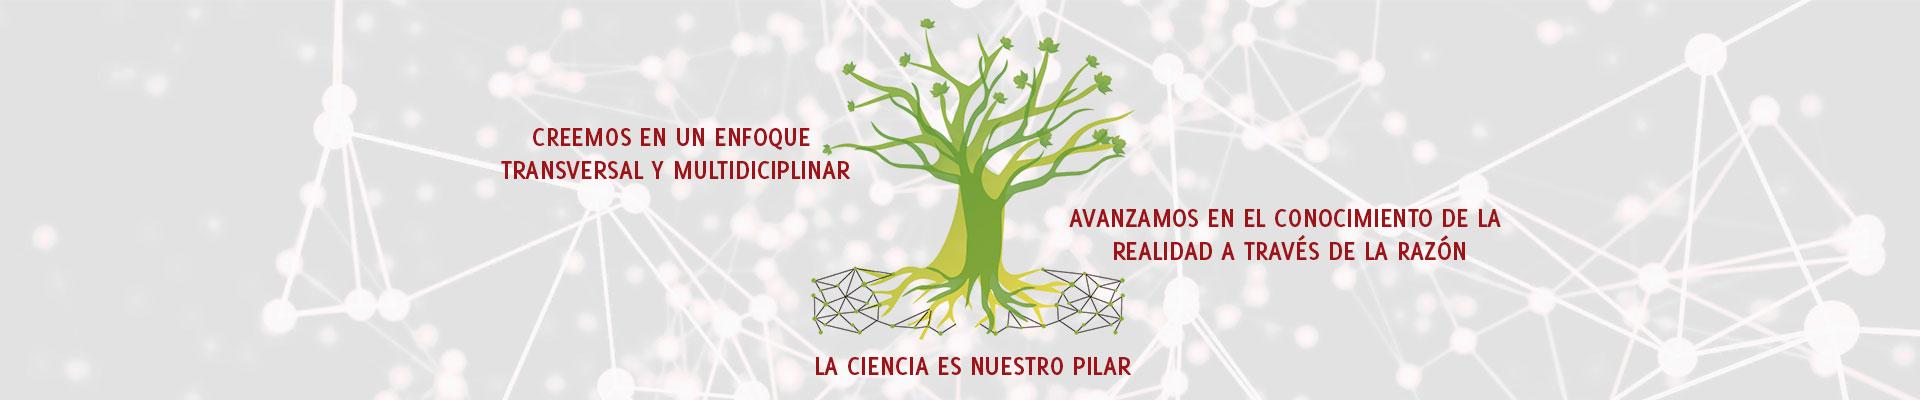 sistemas complejos, árbol sicomoro